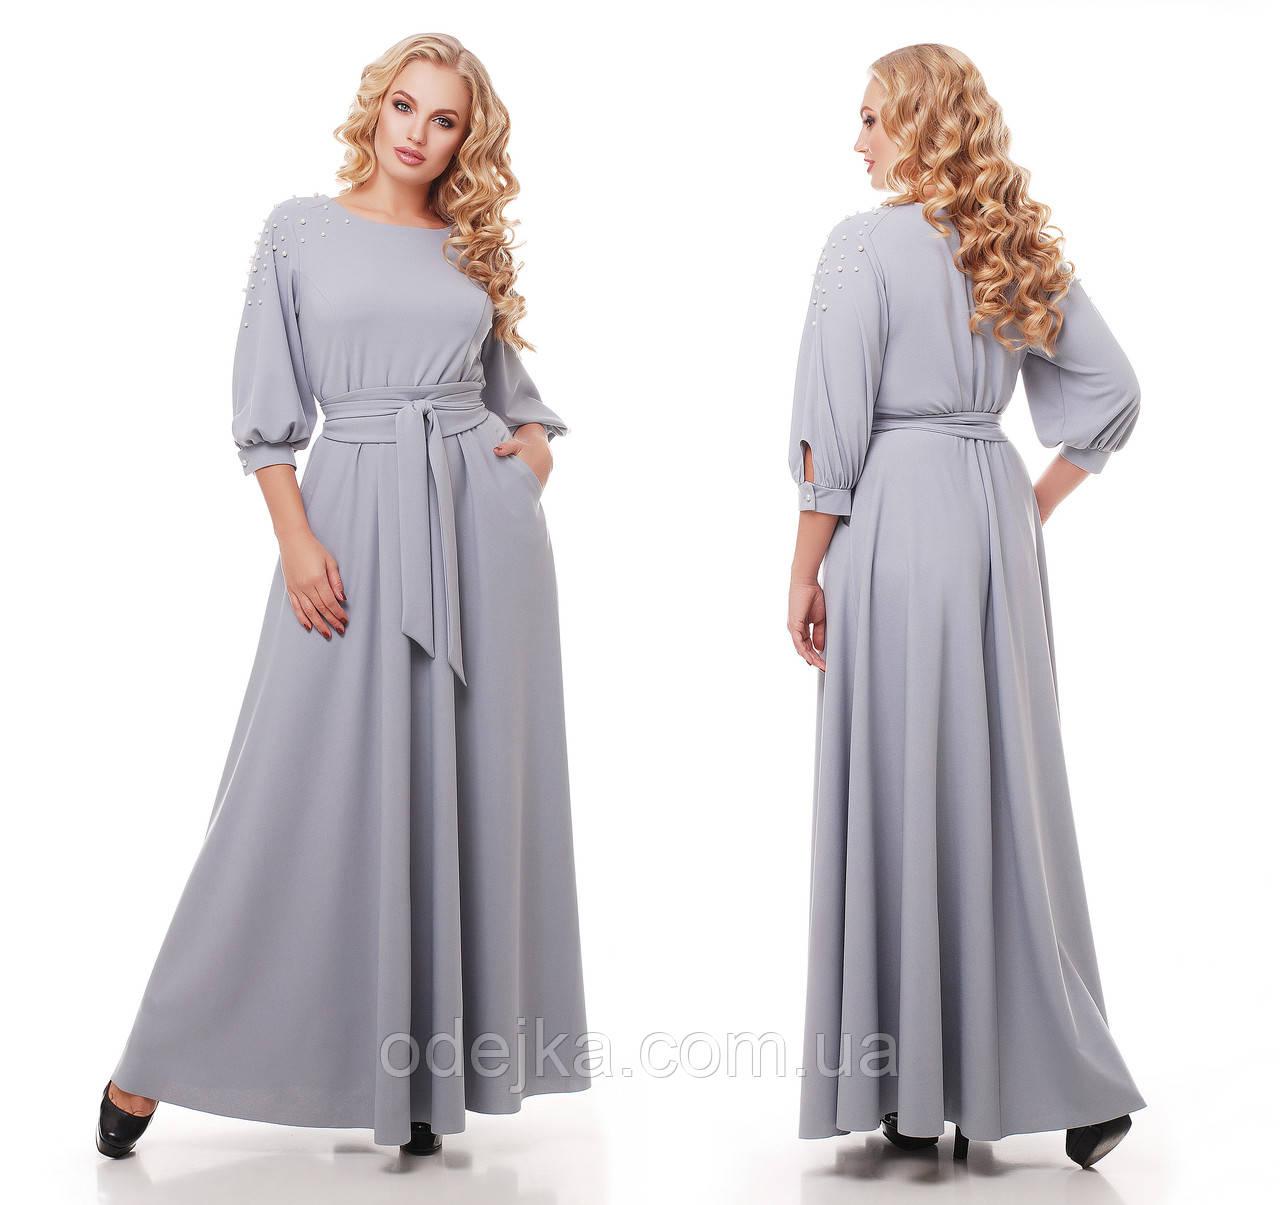 Шикарне плаття в підлогу Вів'єн перли